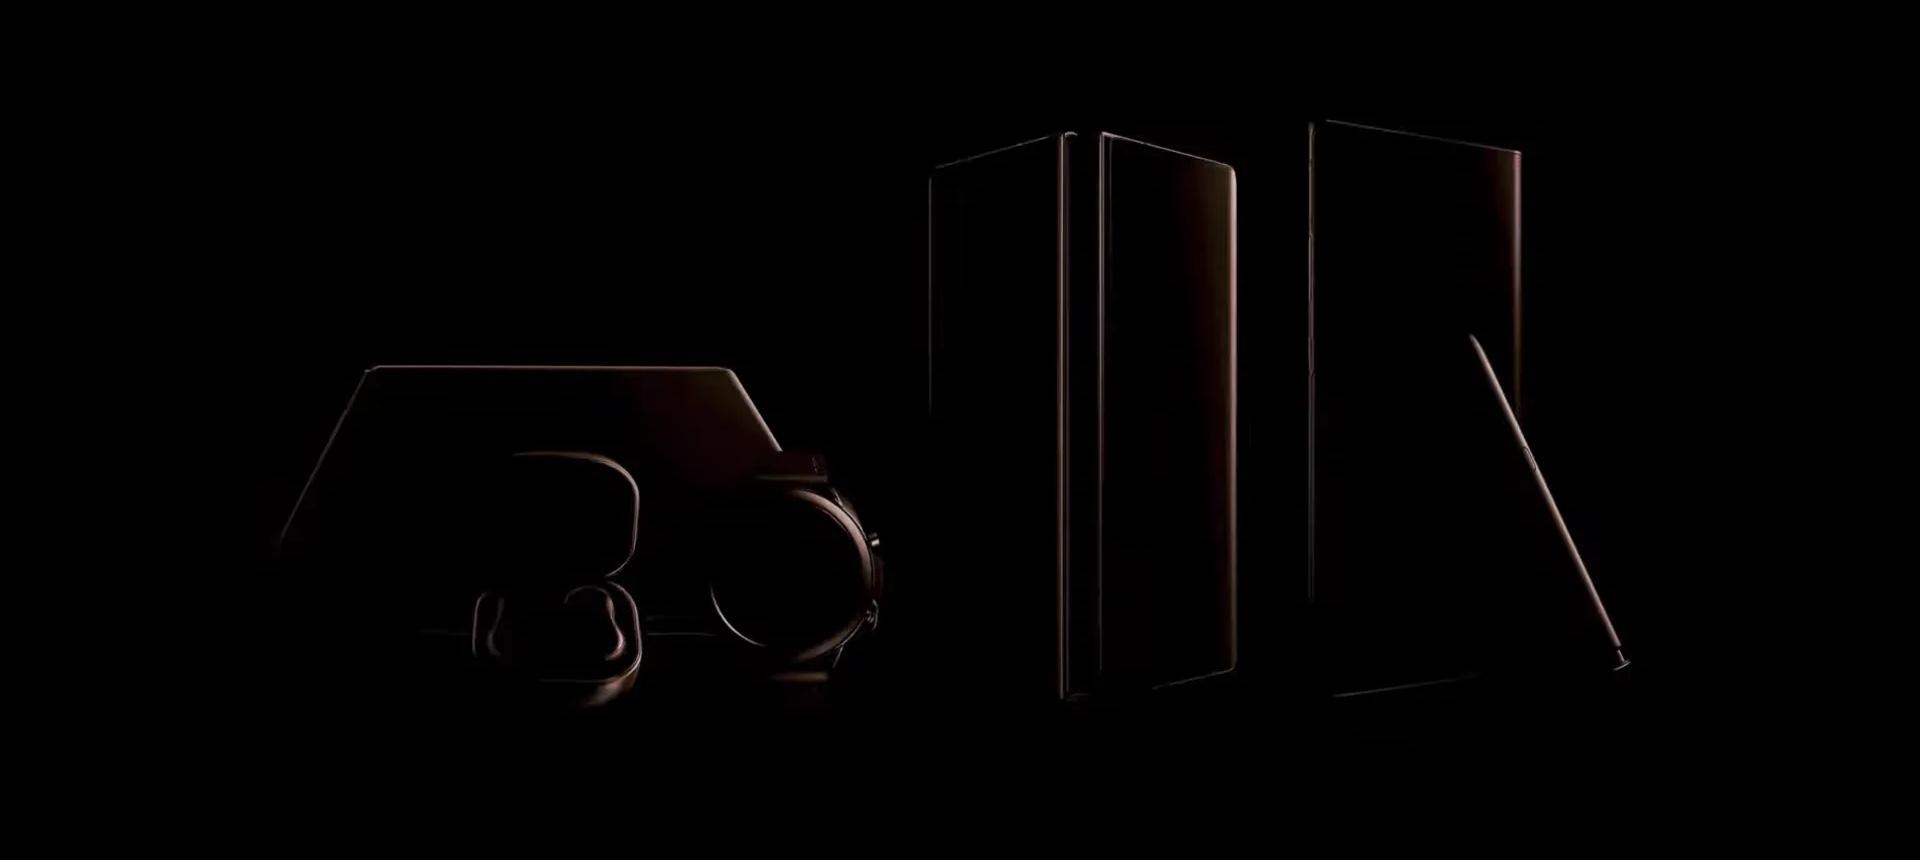 trailer Samsung Galaxy Note 20 Ultra Galaxy Z Fold 2 Unpacked kiedy premiera plotki przecieki wycieki